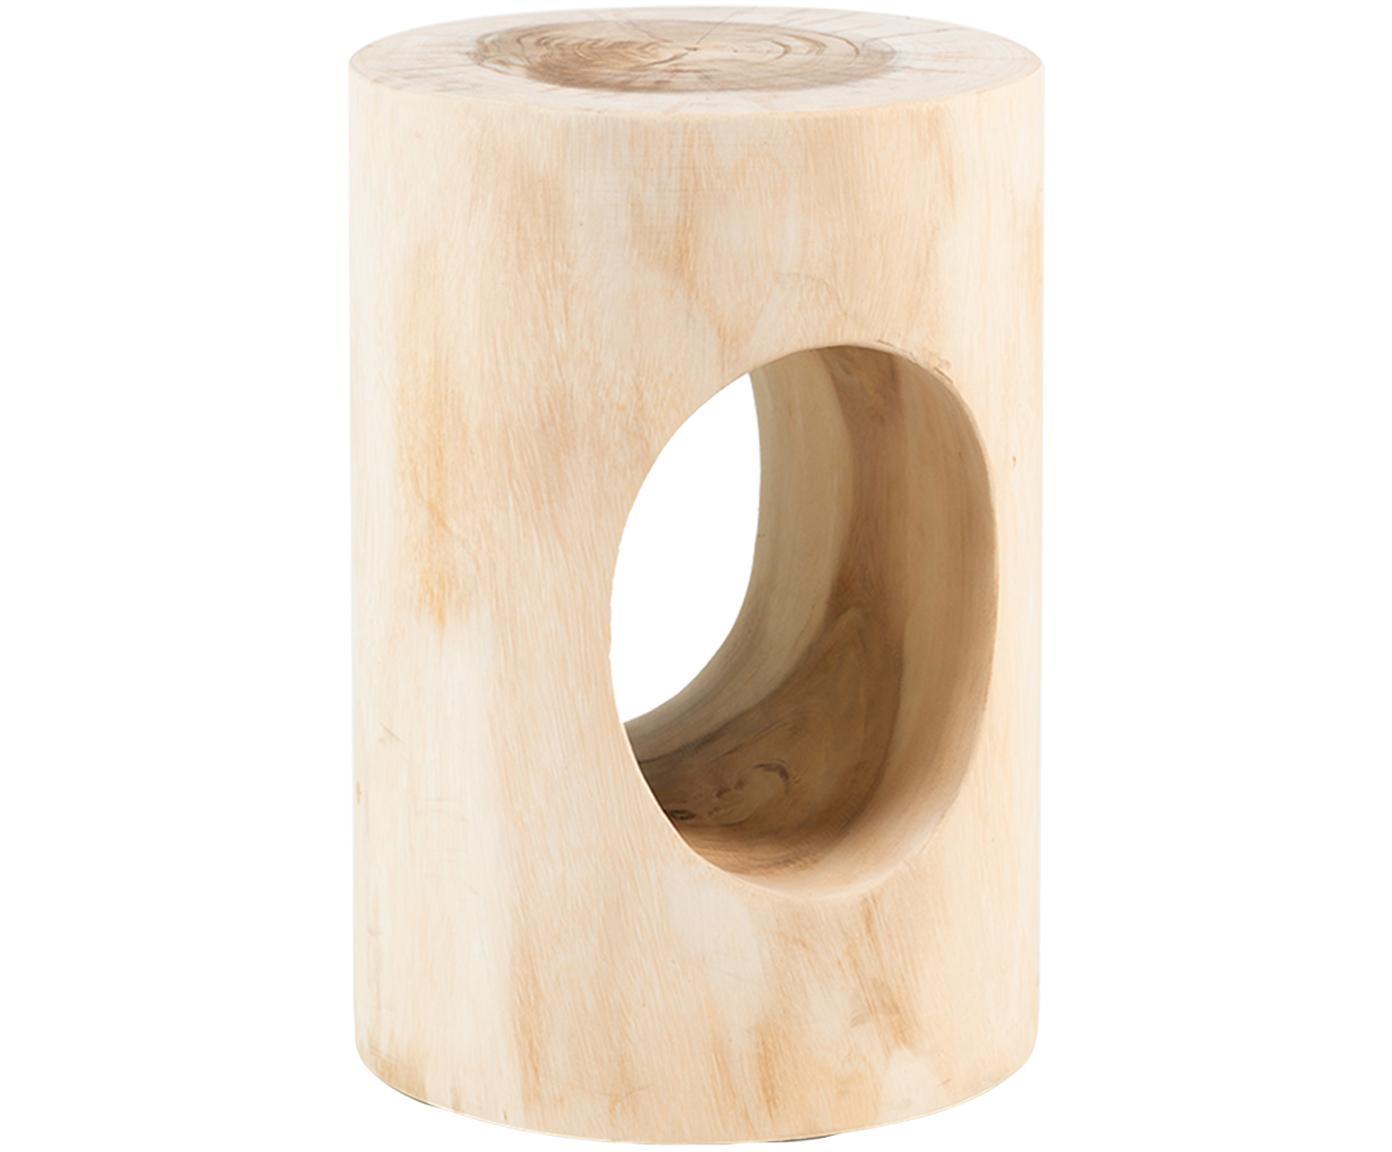 Taburete revistero artesanal Natural, Madera de roble maciza, Roble, Ø 47 x Al 30 cm